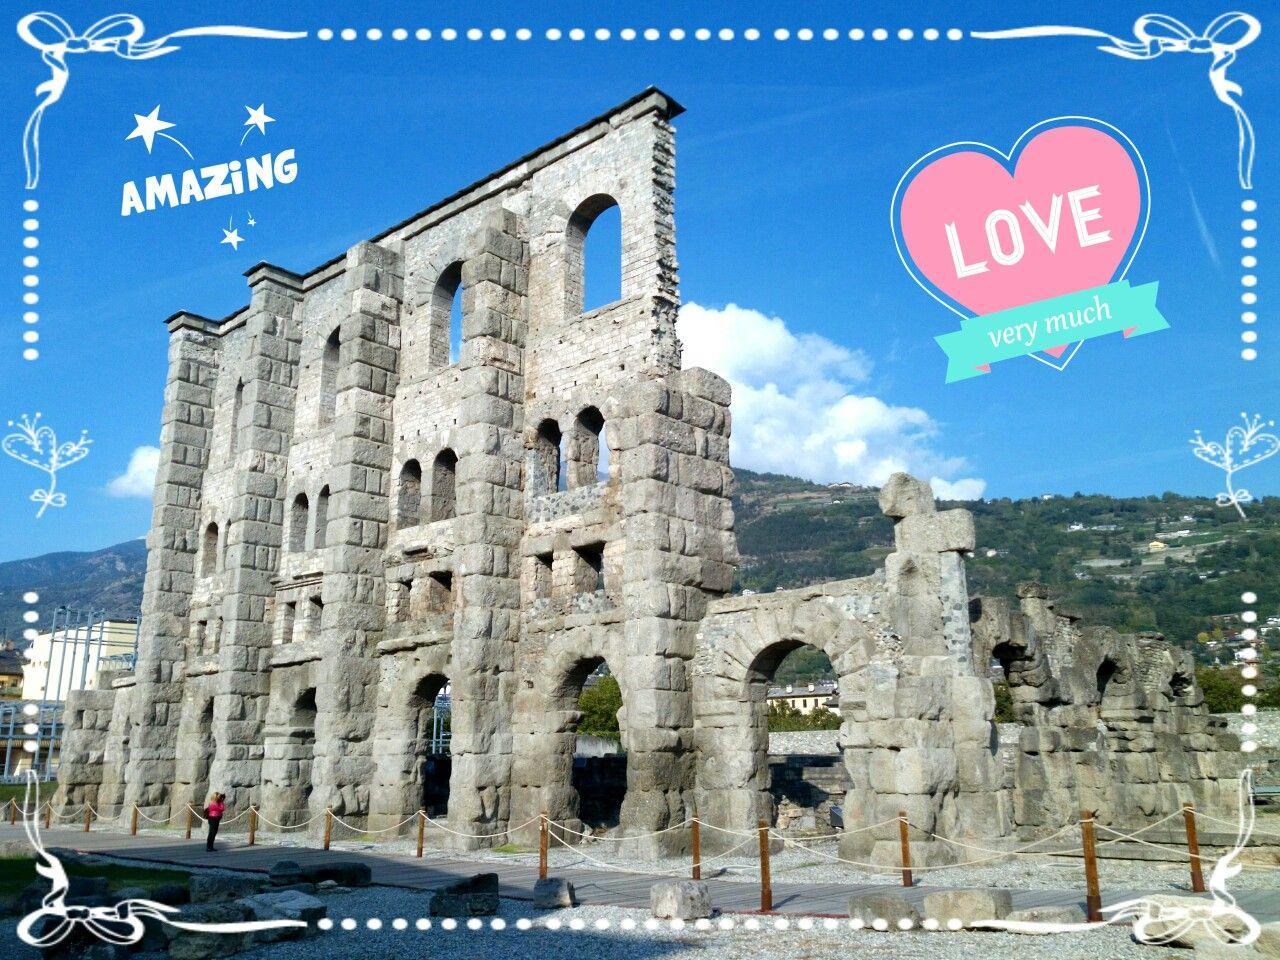 Teatro romano, Aosta